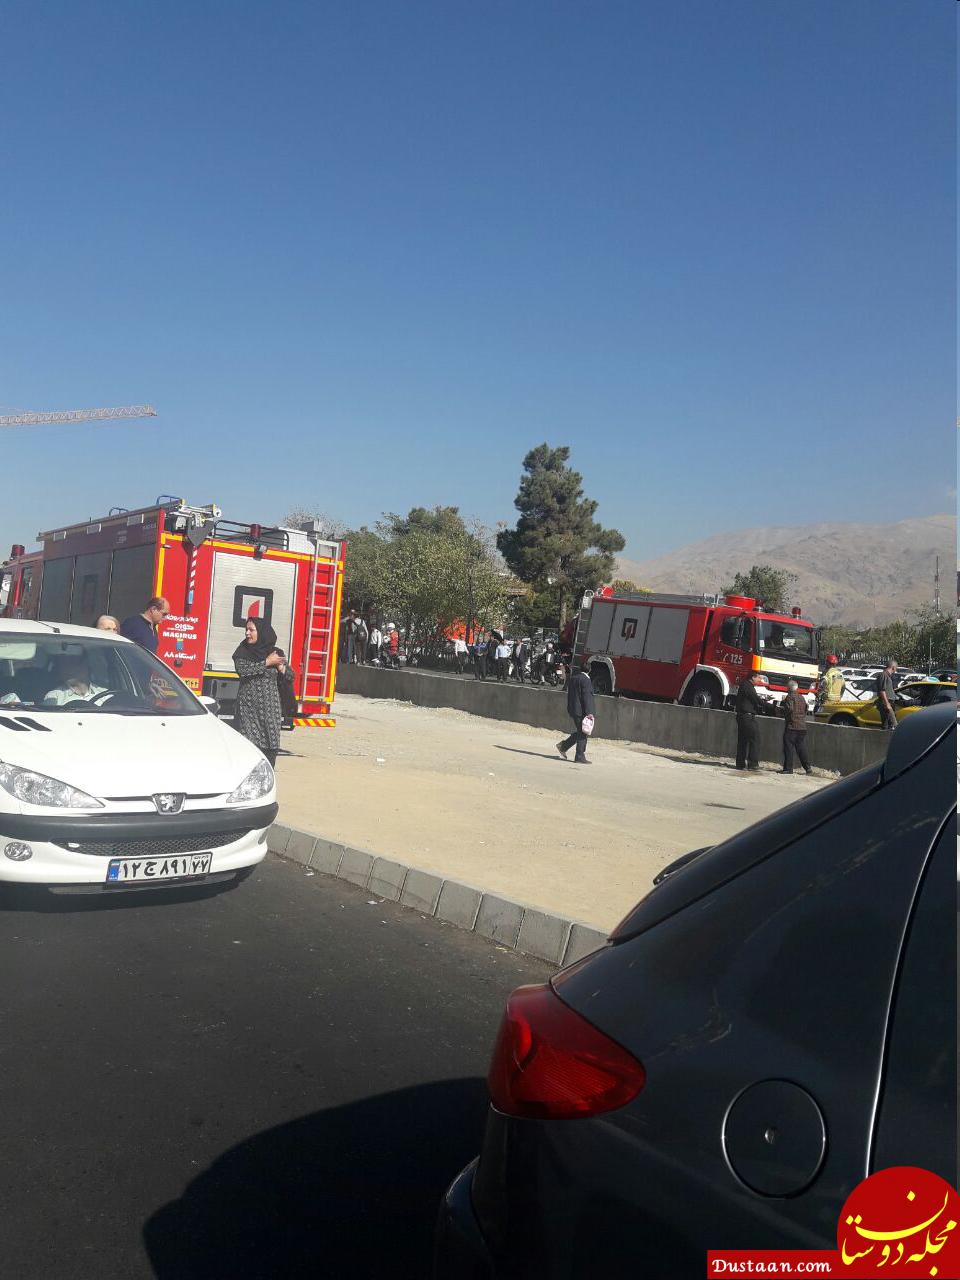 www.dustaan.com حلق آویز کردن مردی میانسال در تقاطع نیایش پارک ملت +عکس